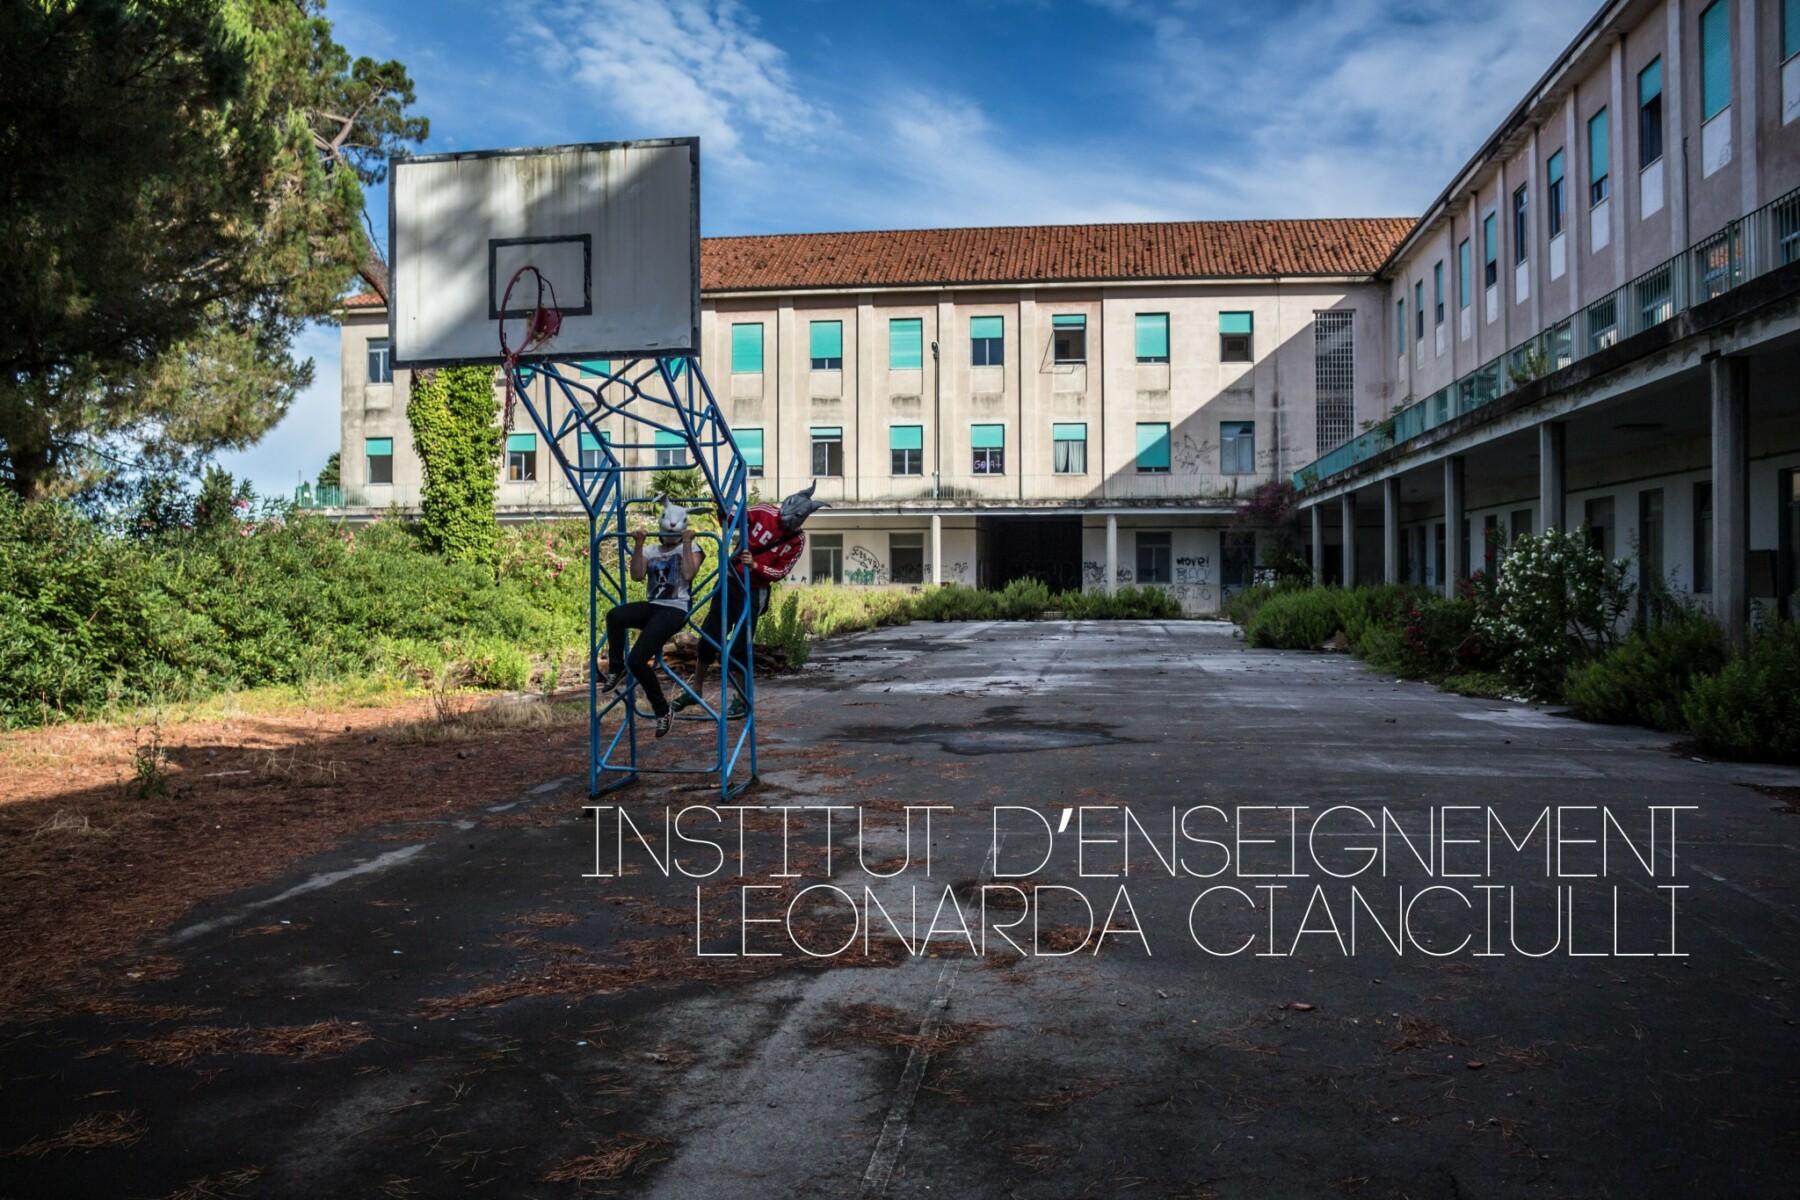 institut-enseignement-leonarda-cianciulli-0